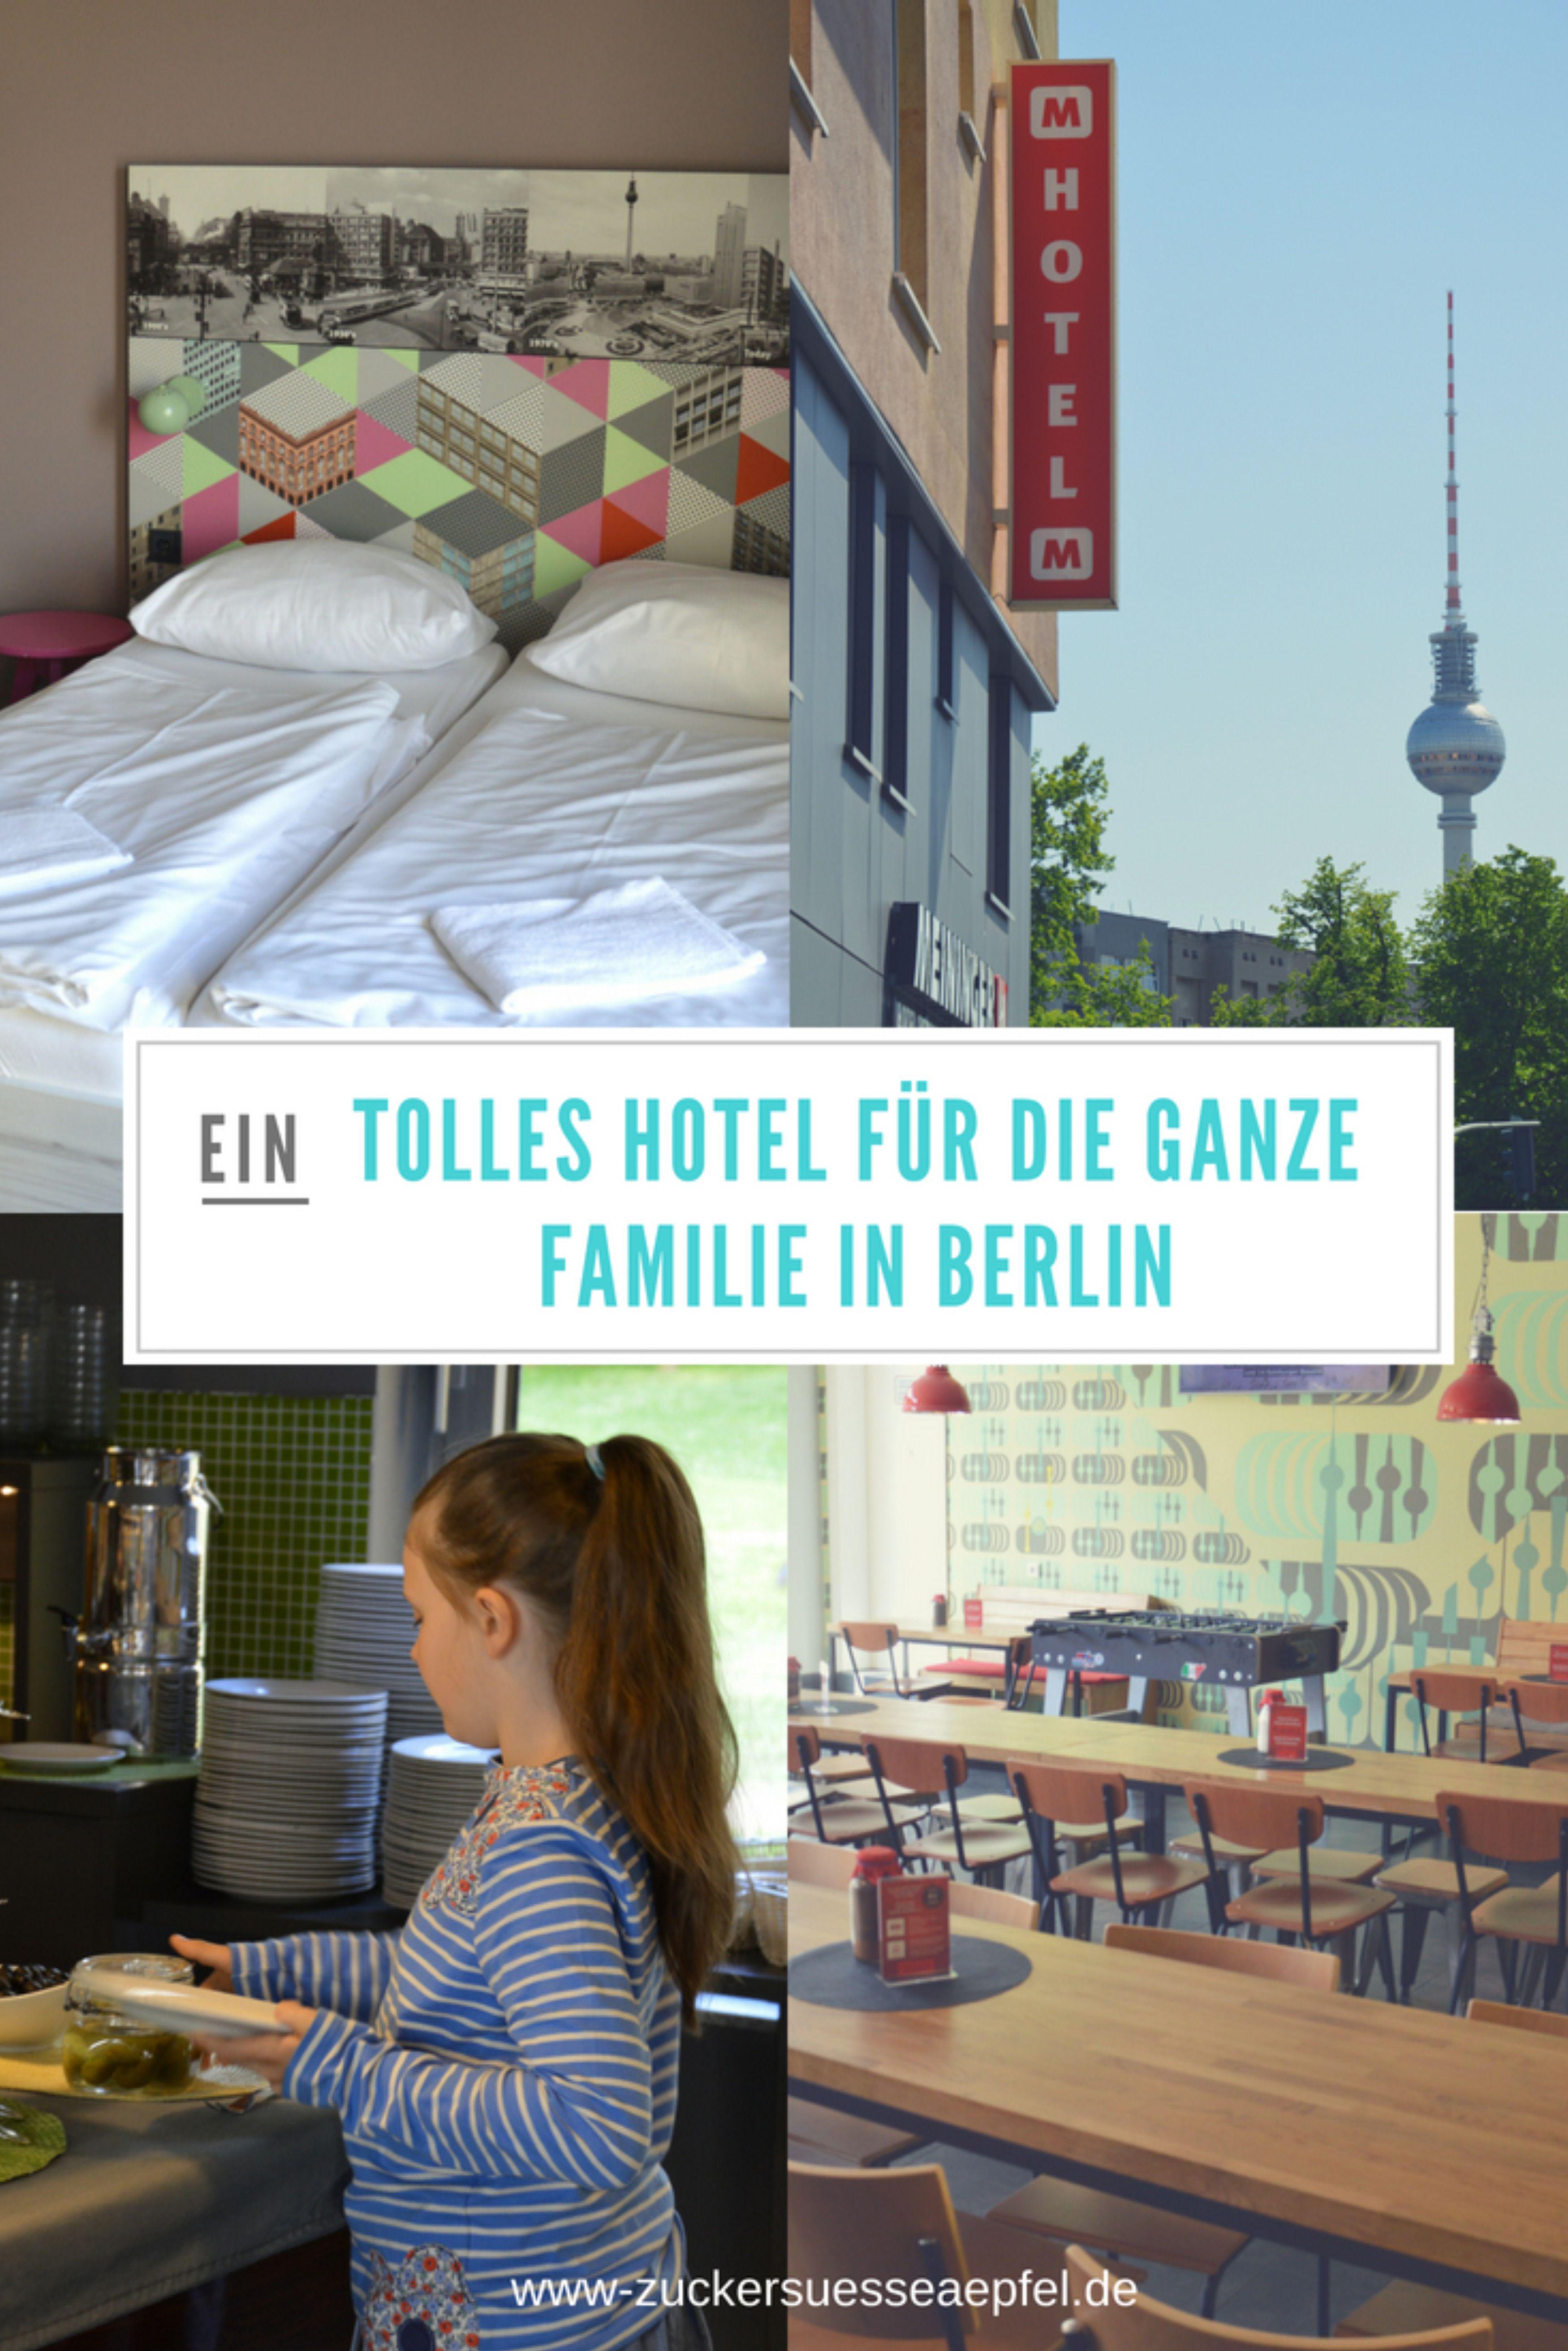 Anzeige Ein Tolles Hotel Fur Die Ganze Familie In Berlin Hoteltipp Berlin Familienreisen Berlin Urlaub Tolle Hotels Familienreisen